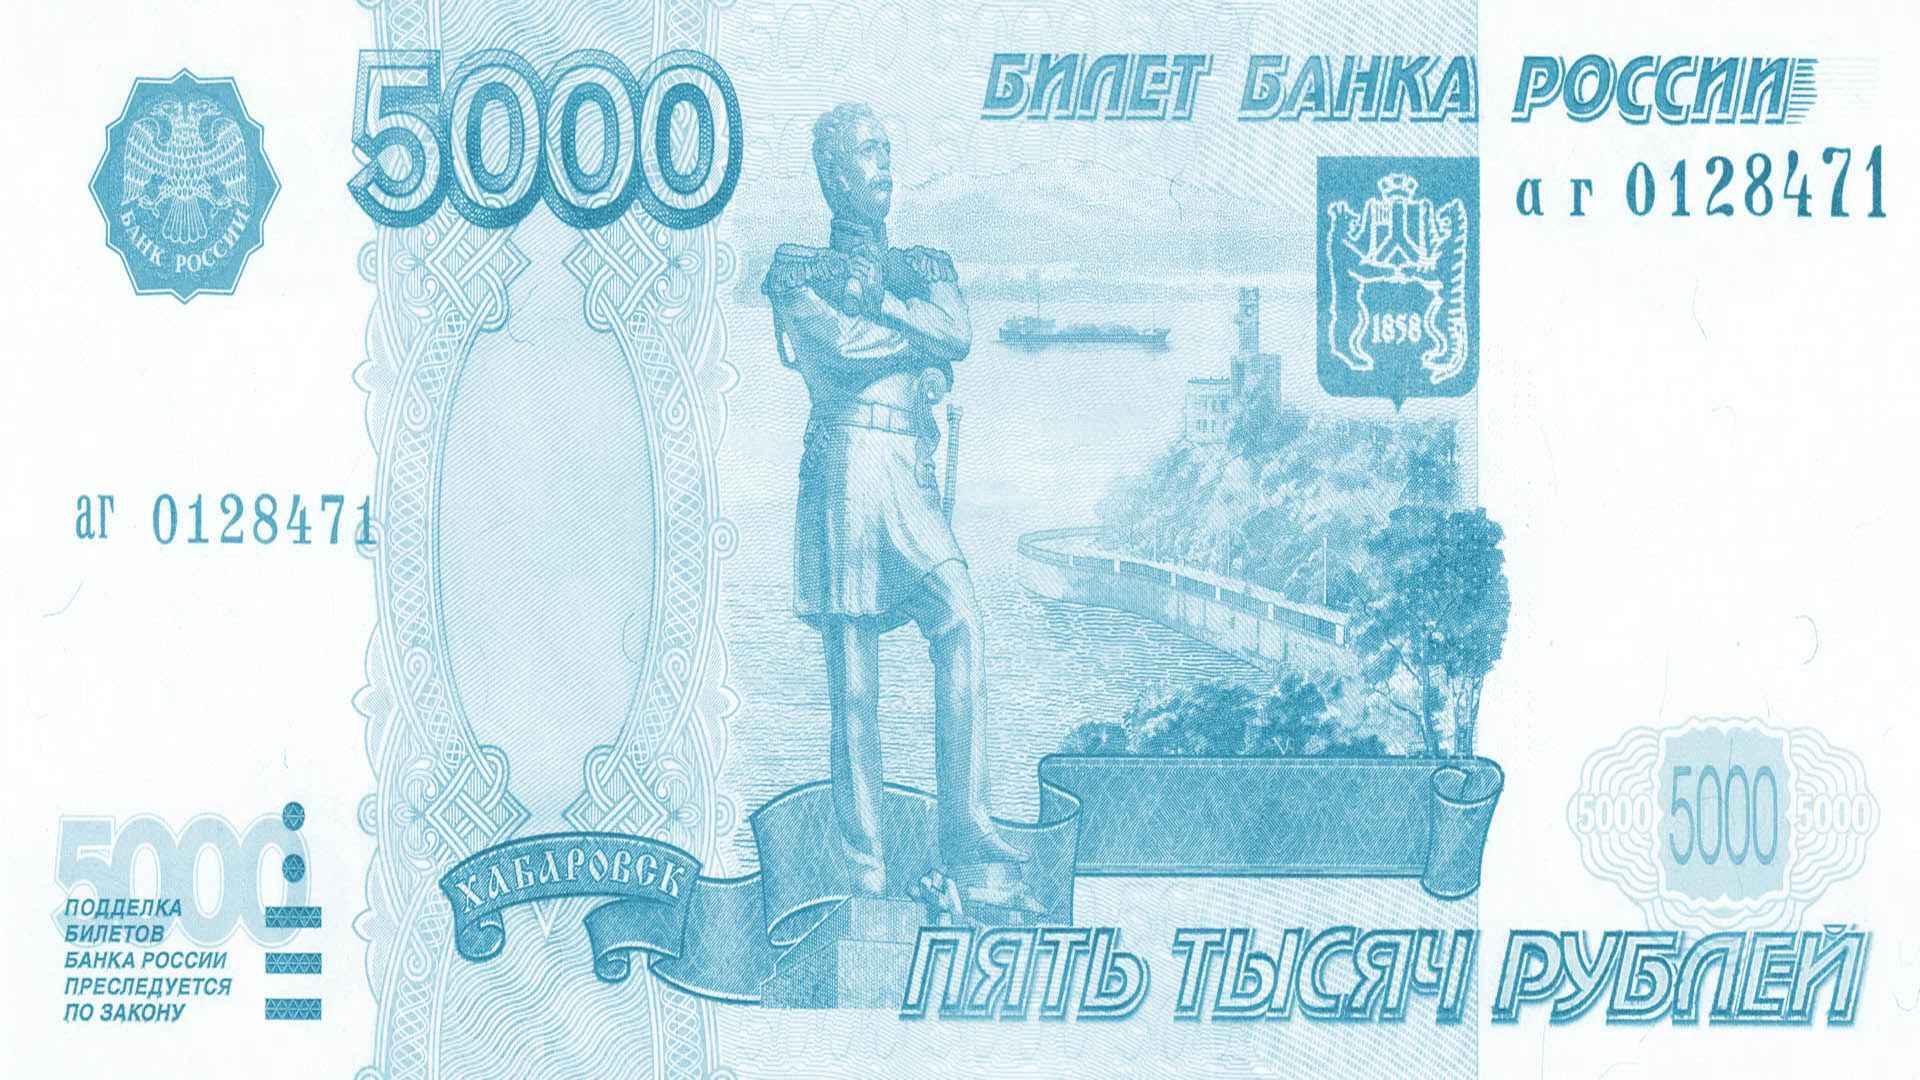 восточный экспресс банк потребительский кредит условия